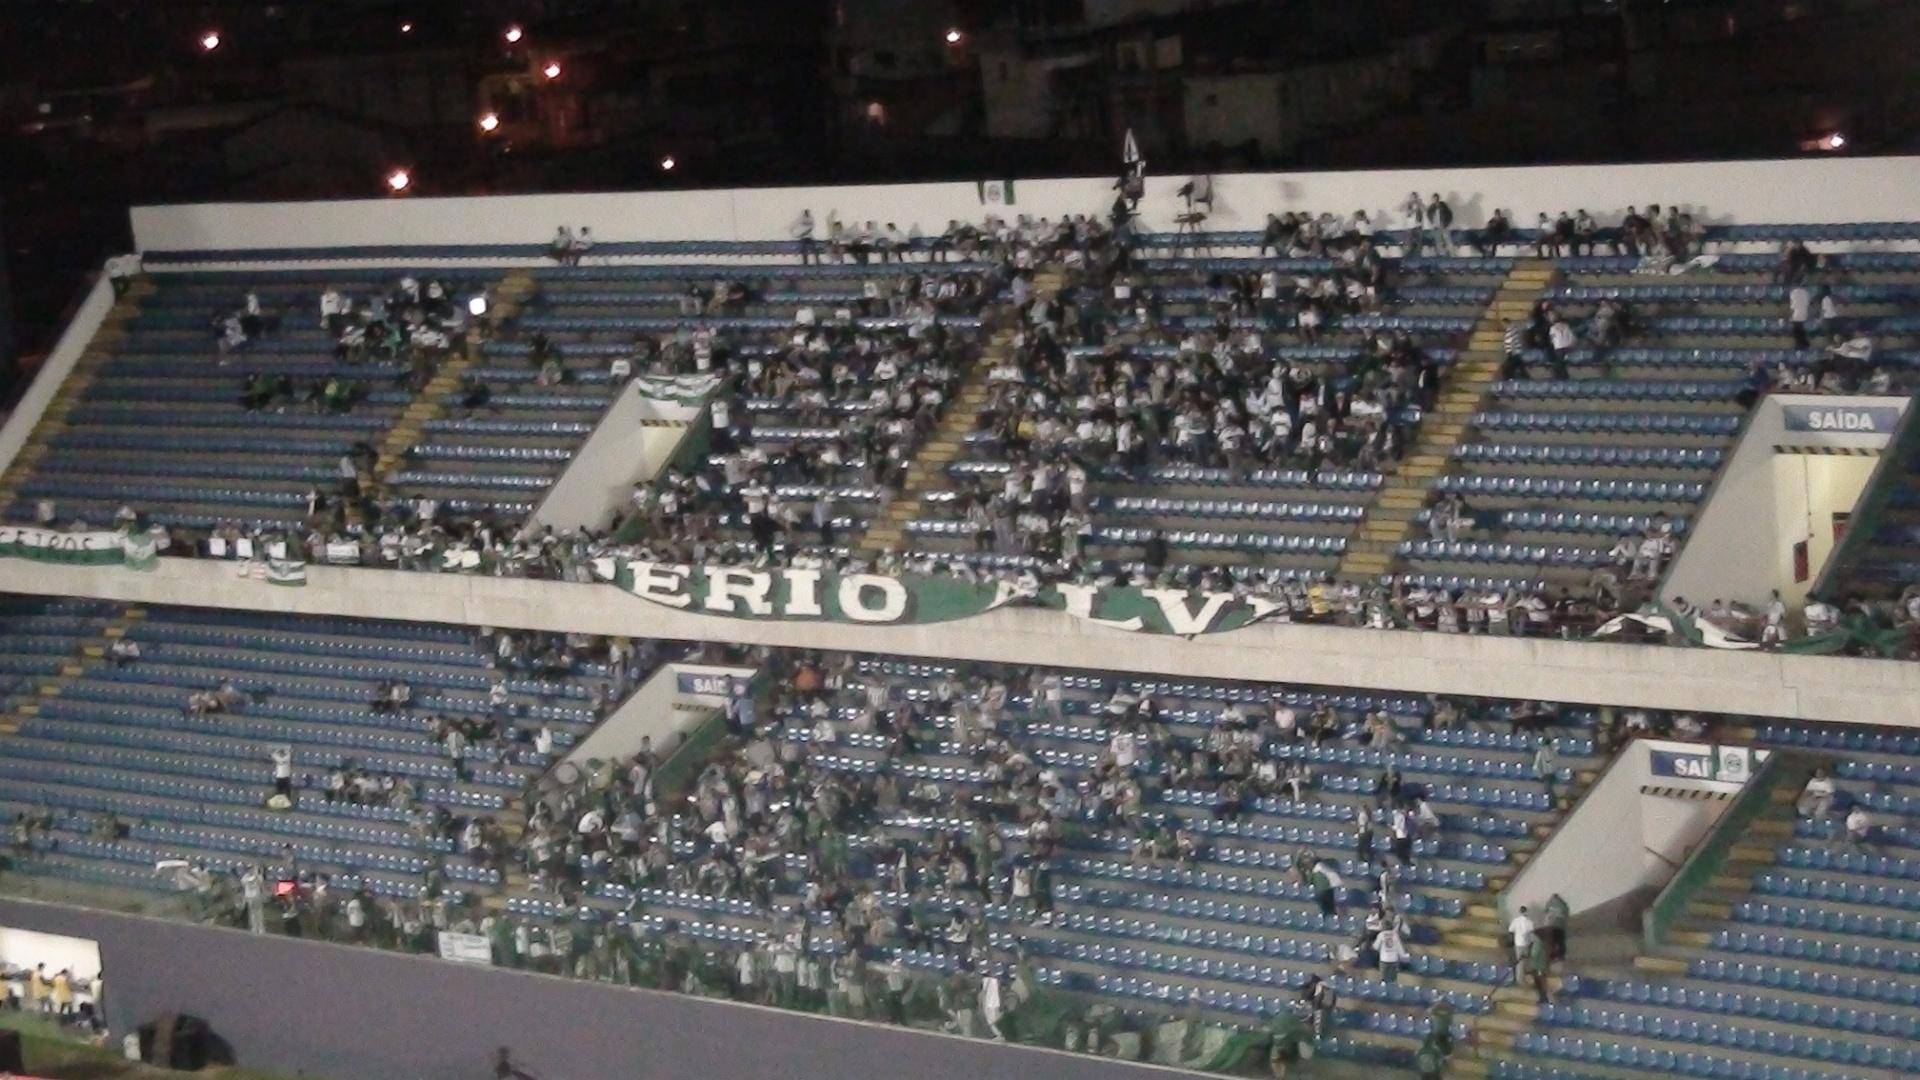 Torcedores do Coritiba já se acomodam nas arquibancadas da Arena Barueri para a final da Copa do Brasil